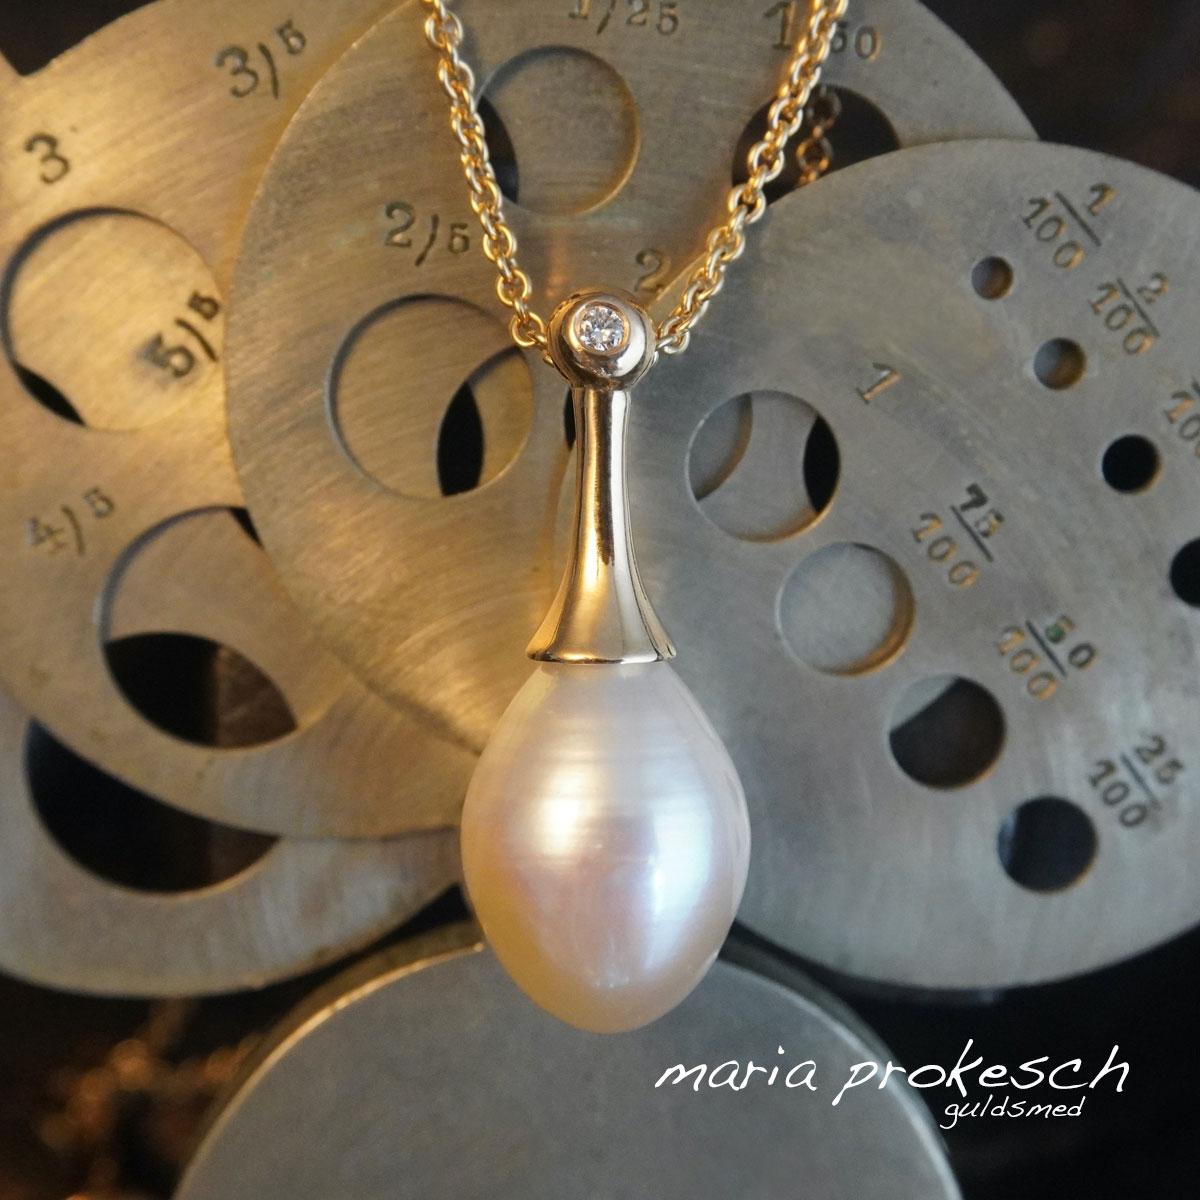 Perlevedhæng med hvid perle i 18 kt guld. Enkelt og utraditionelt design som pendul med sten, en lille diamant i toppen.